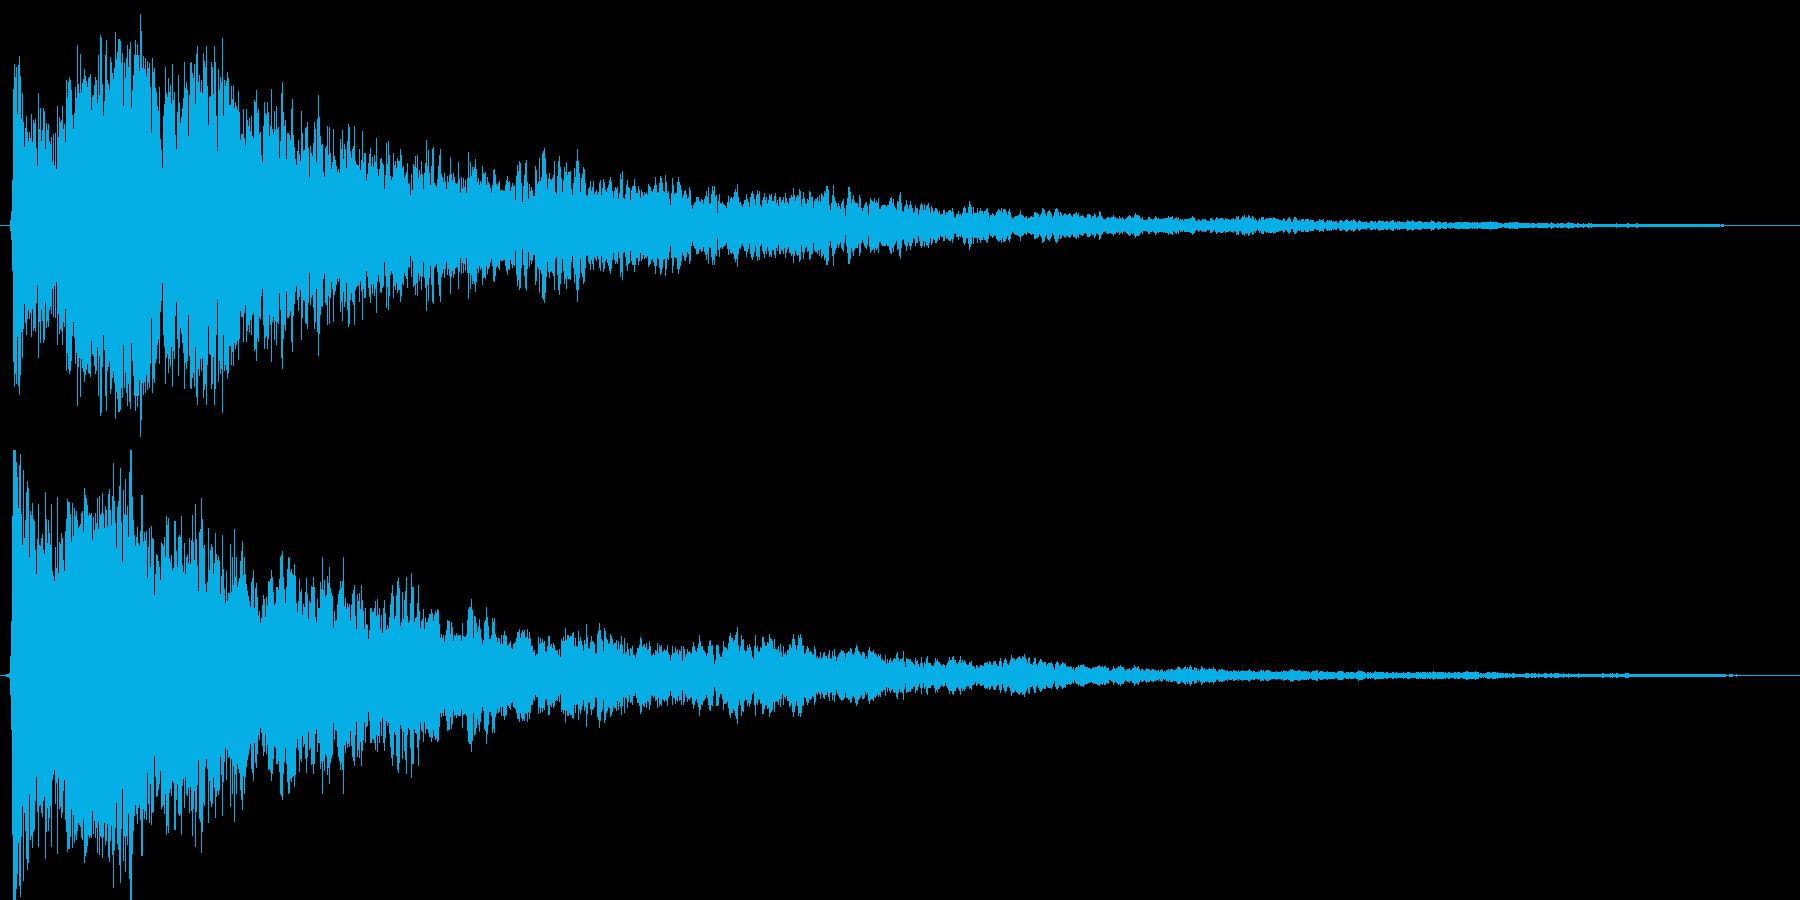 シャキーン!カキーン!というインパクト音の再生済みの波形